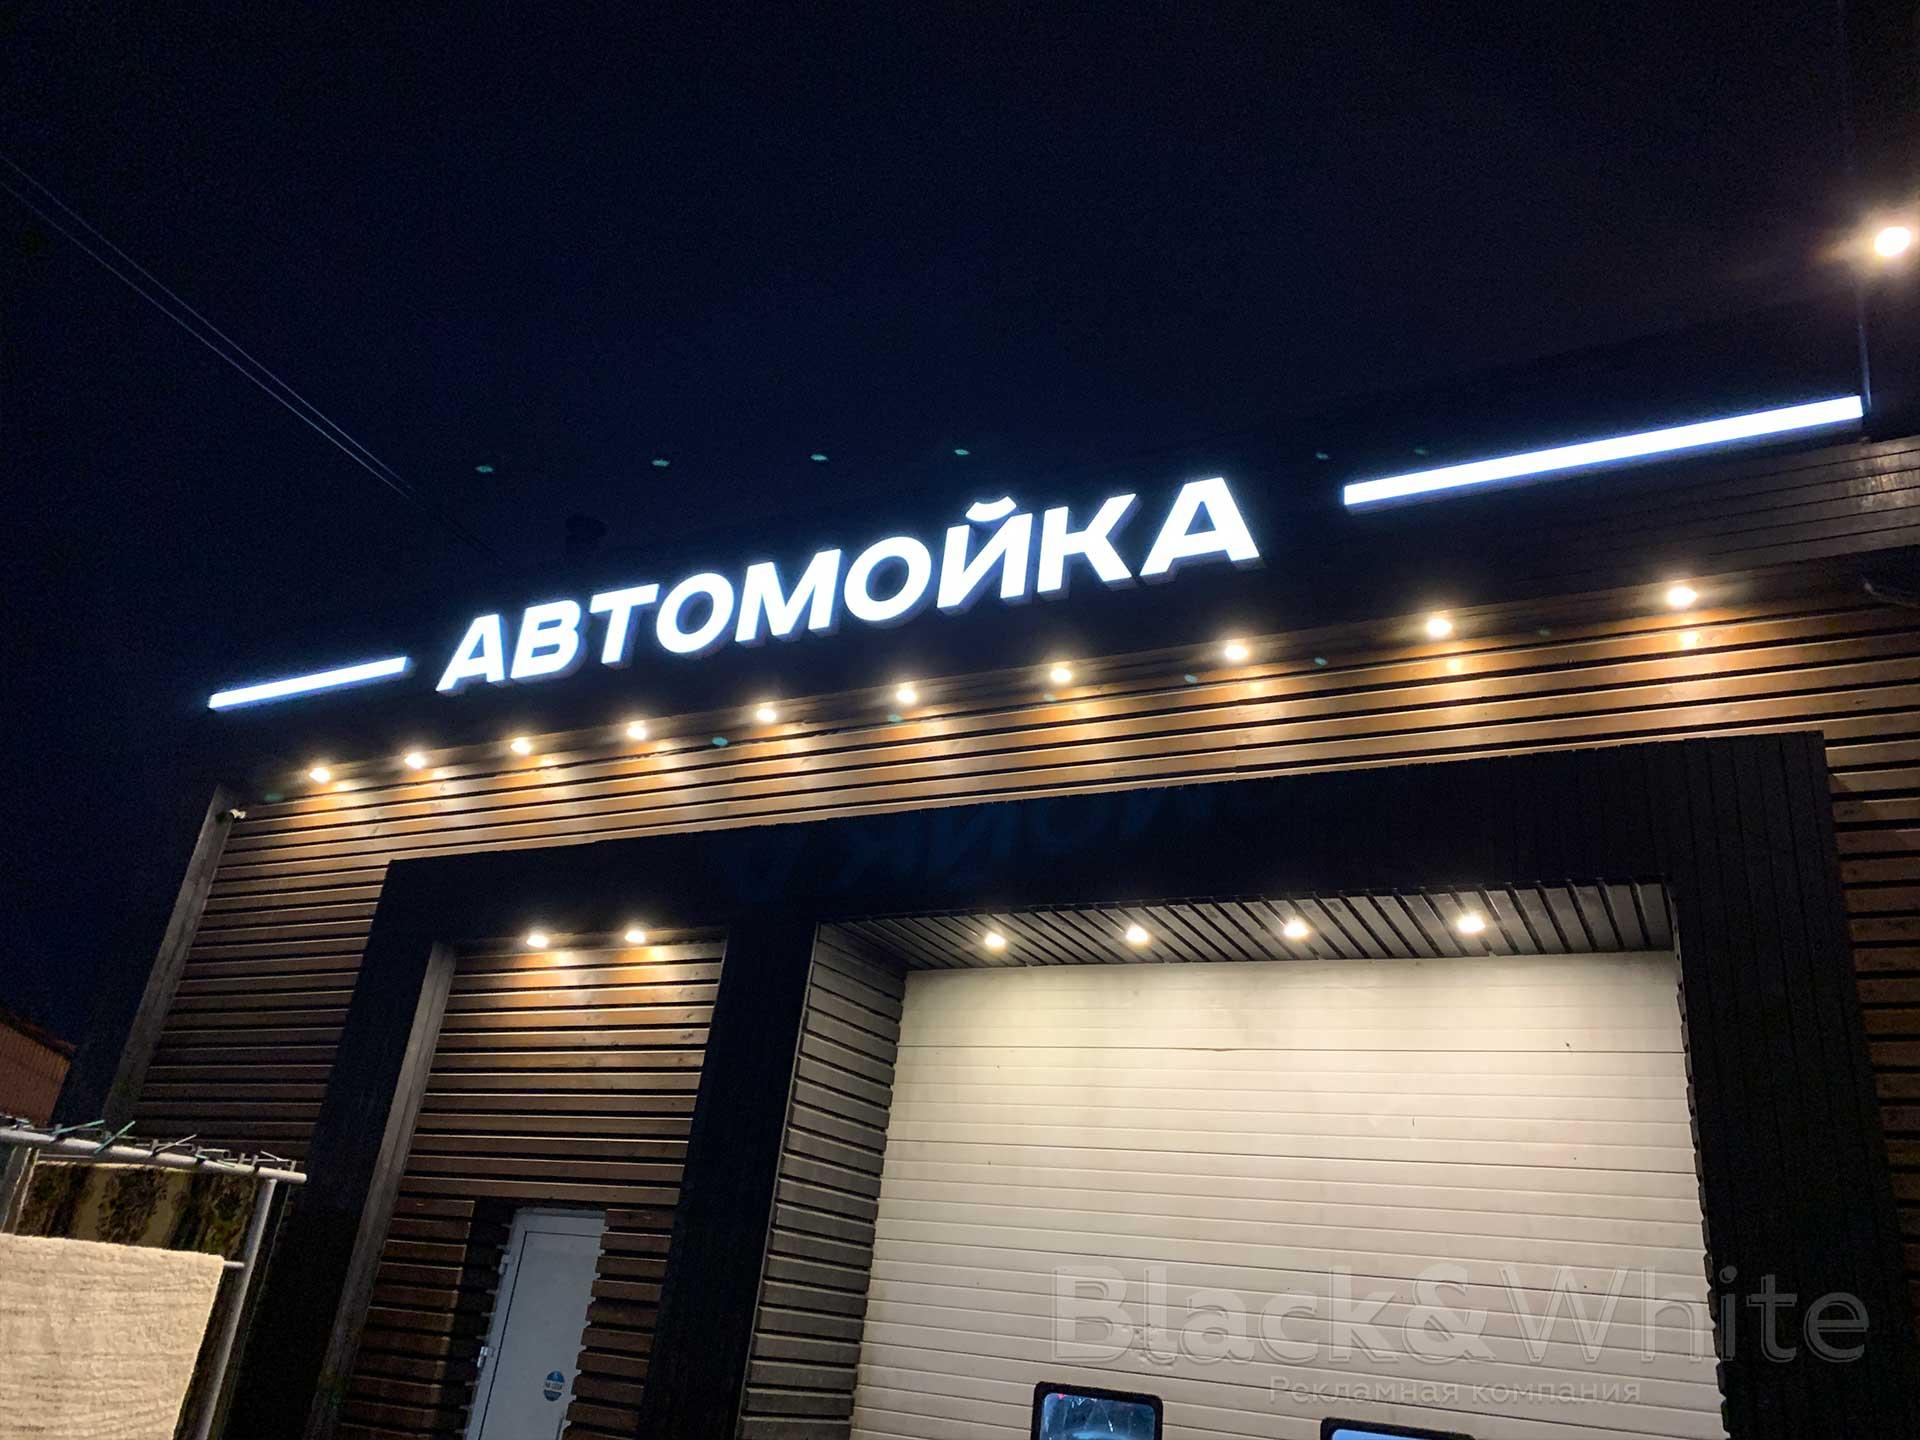 Световая-вывеска-для-автомойки-изготовление-световых-букв-в-Красноярске...jpg